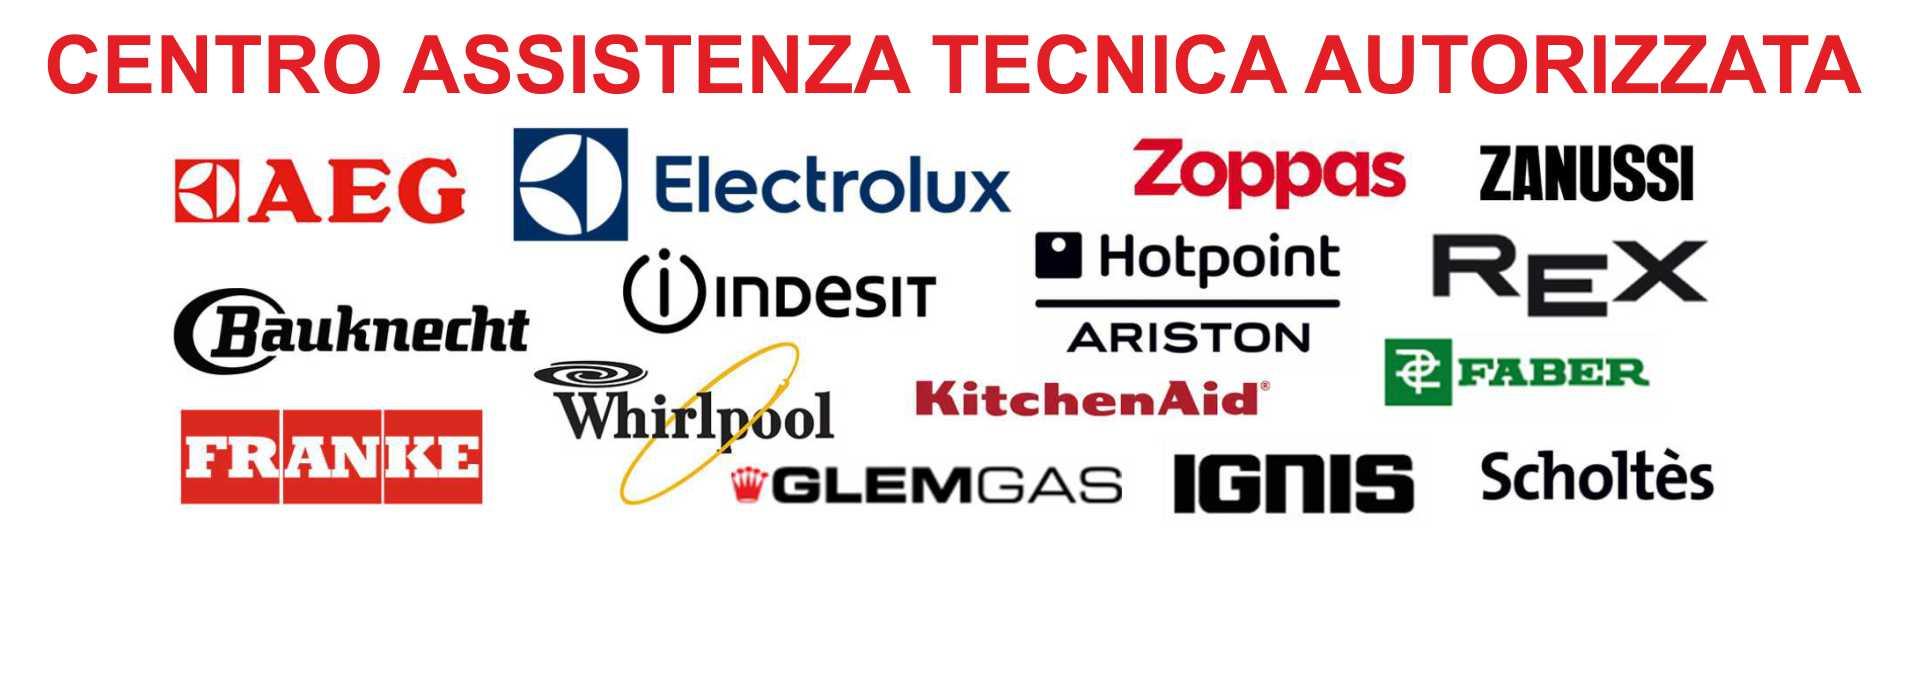 Assistenza tecnica Autorizzata per la Riparazione elettrodomestici Imperia Savona